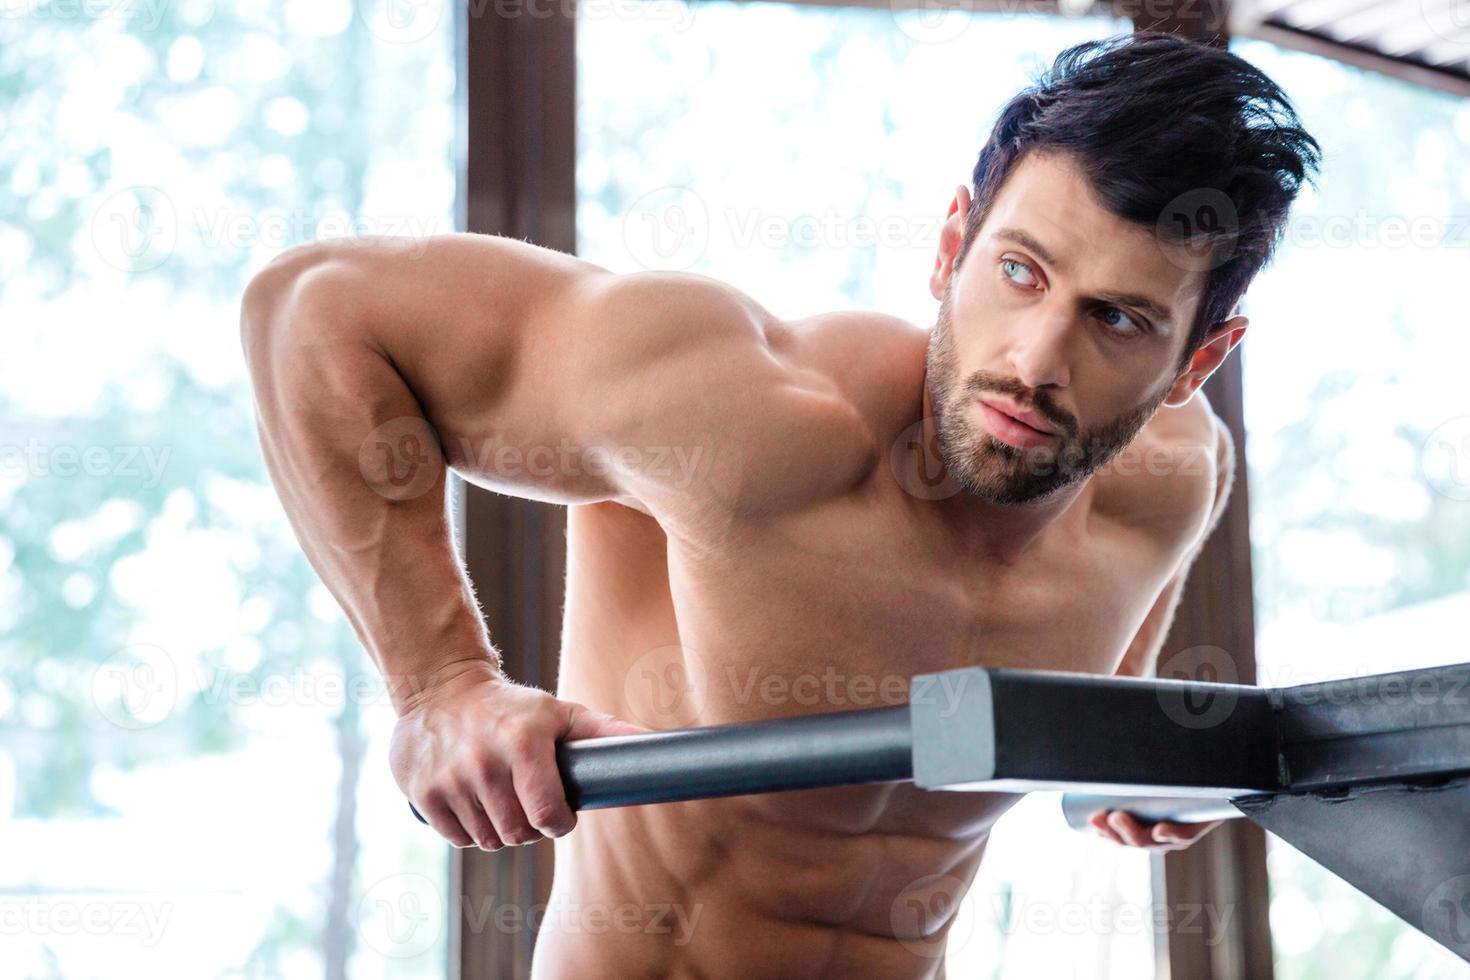 männliches Bodybuilder-Training auf Barren foto